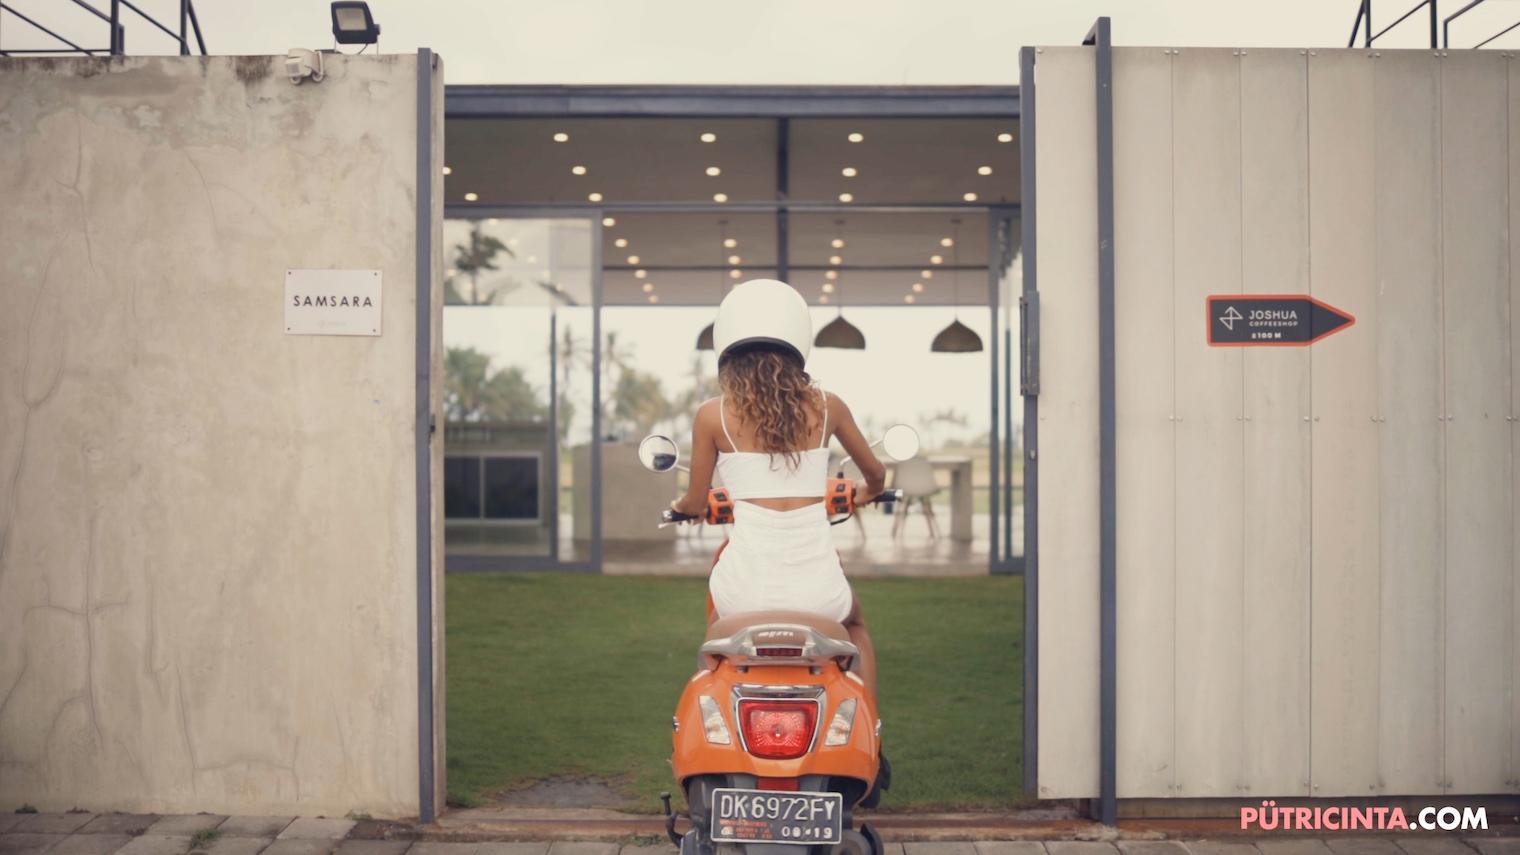 025-BikeWash-Putri-Cinta-Teaser-Stills-1.jpg